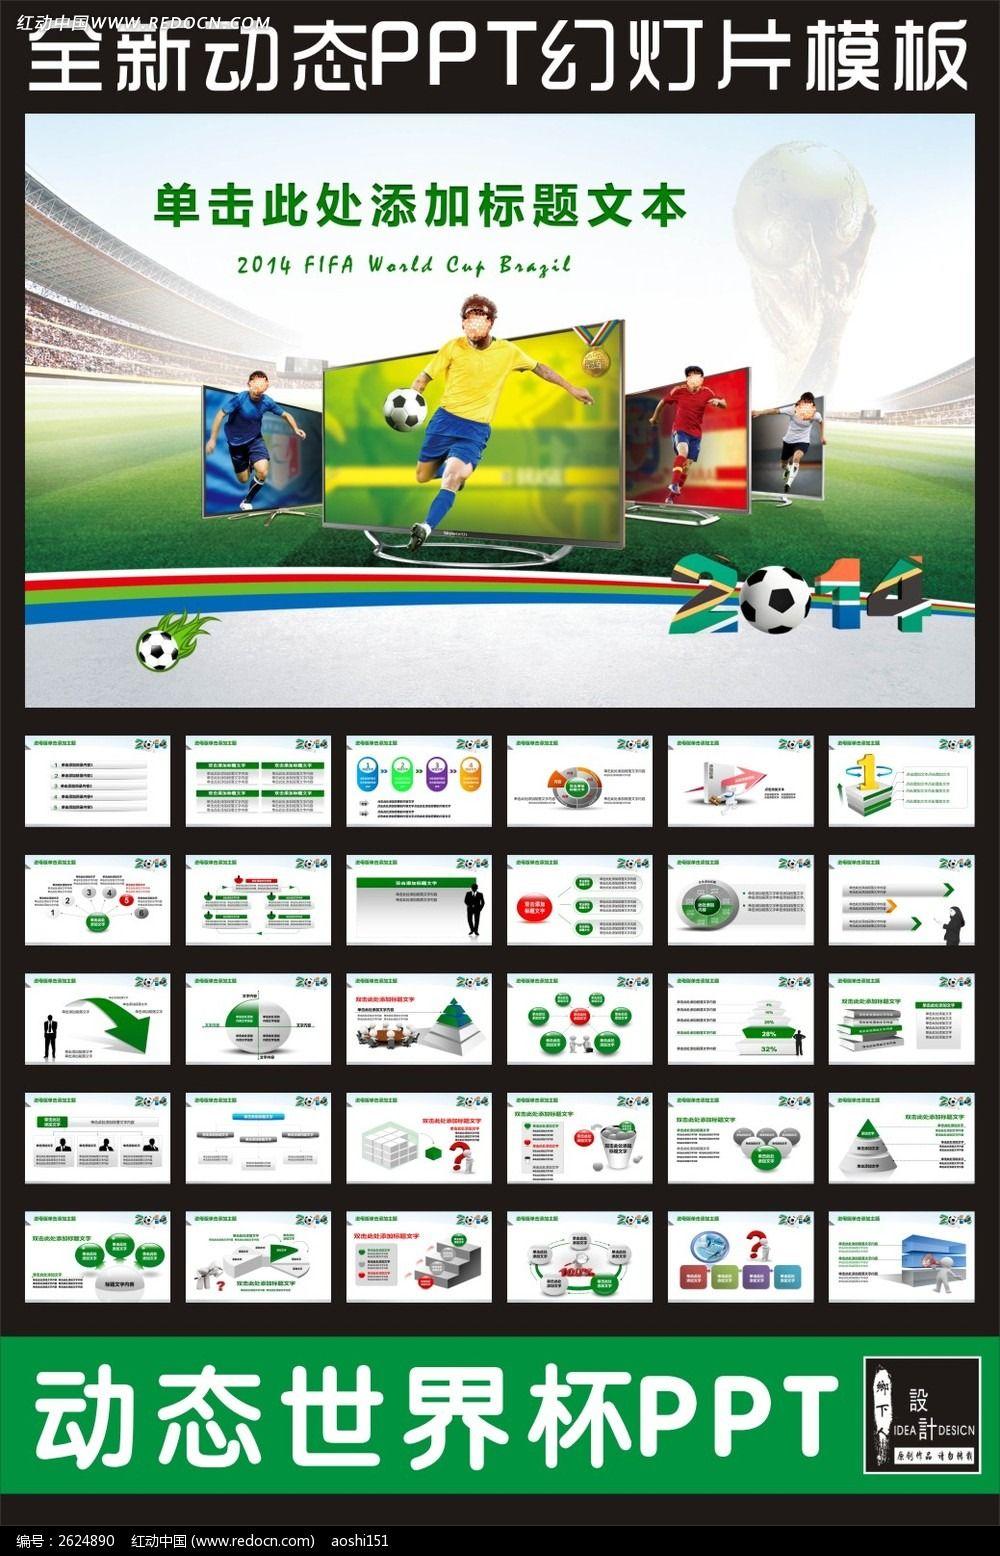 标签:世界杯 2014 巴西世界杯PPT 世界杯PPT 足球PPT 世界杯模板 图片